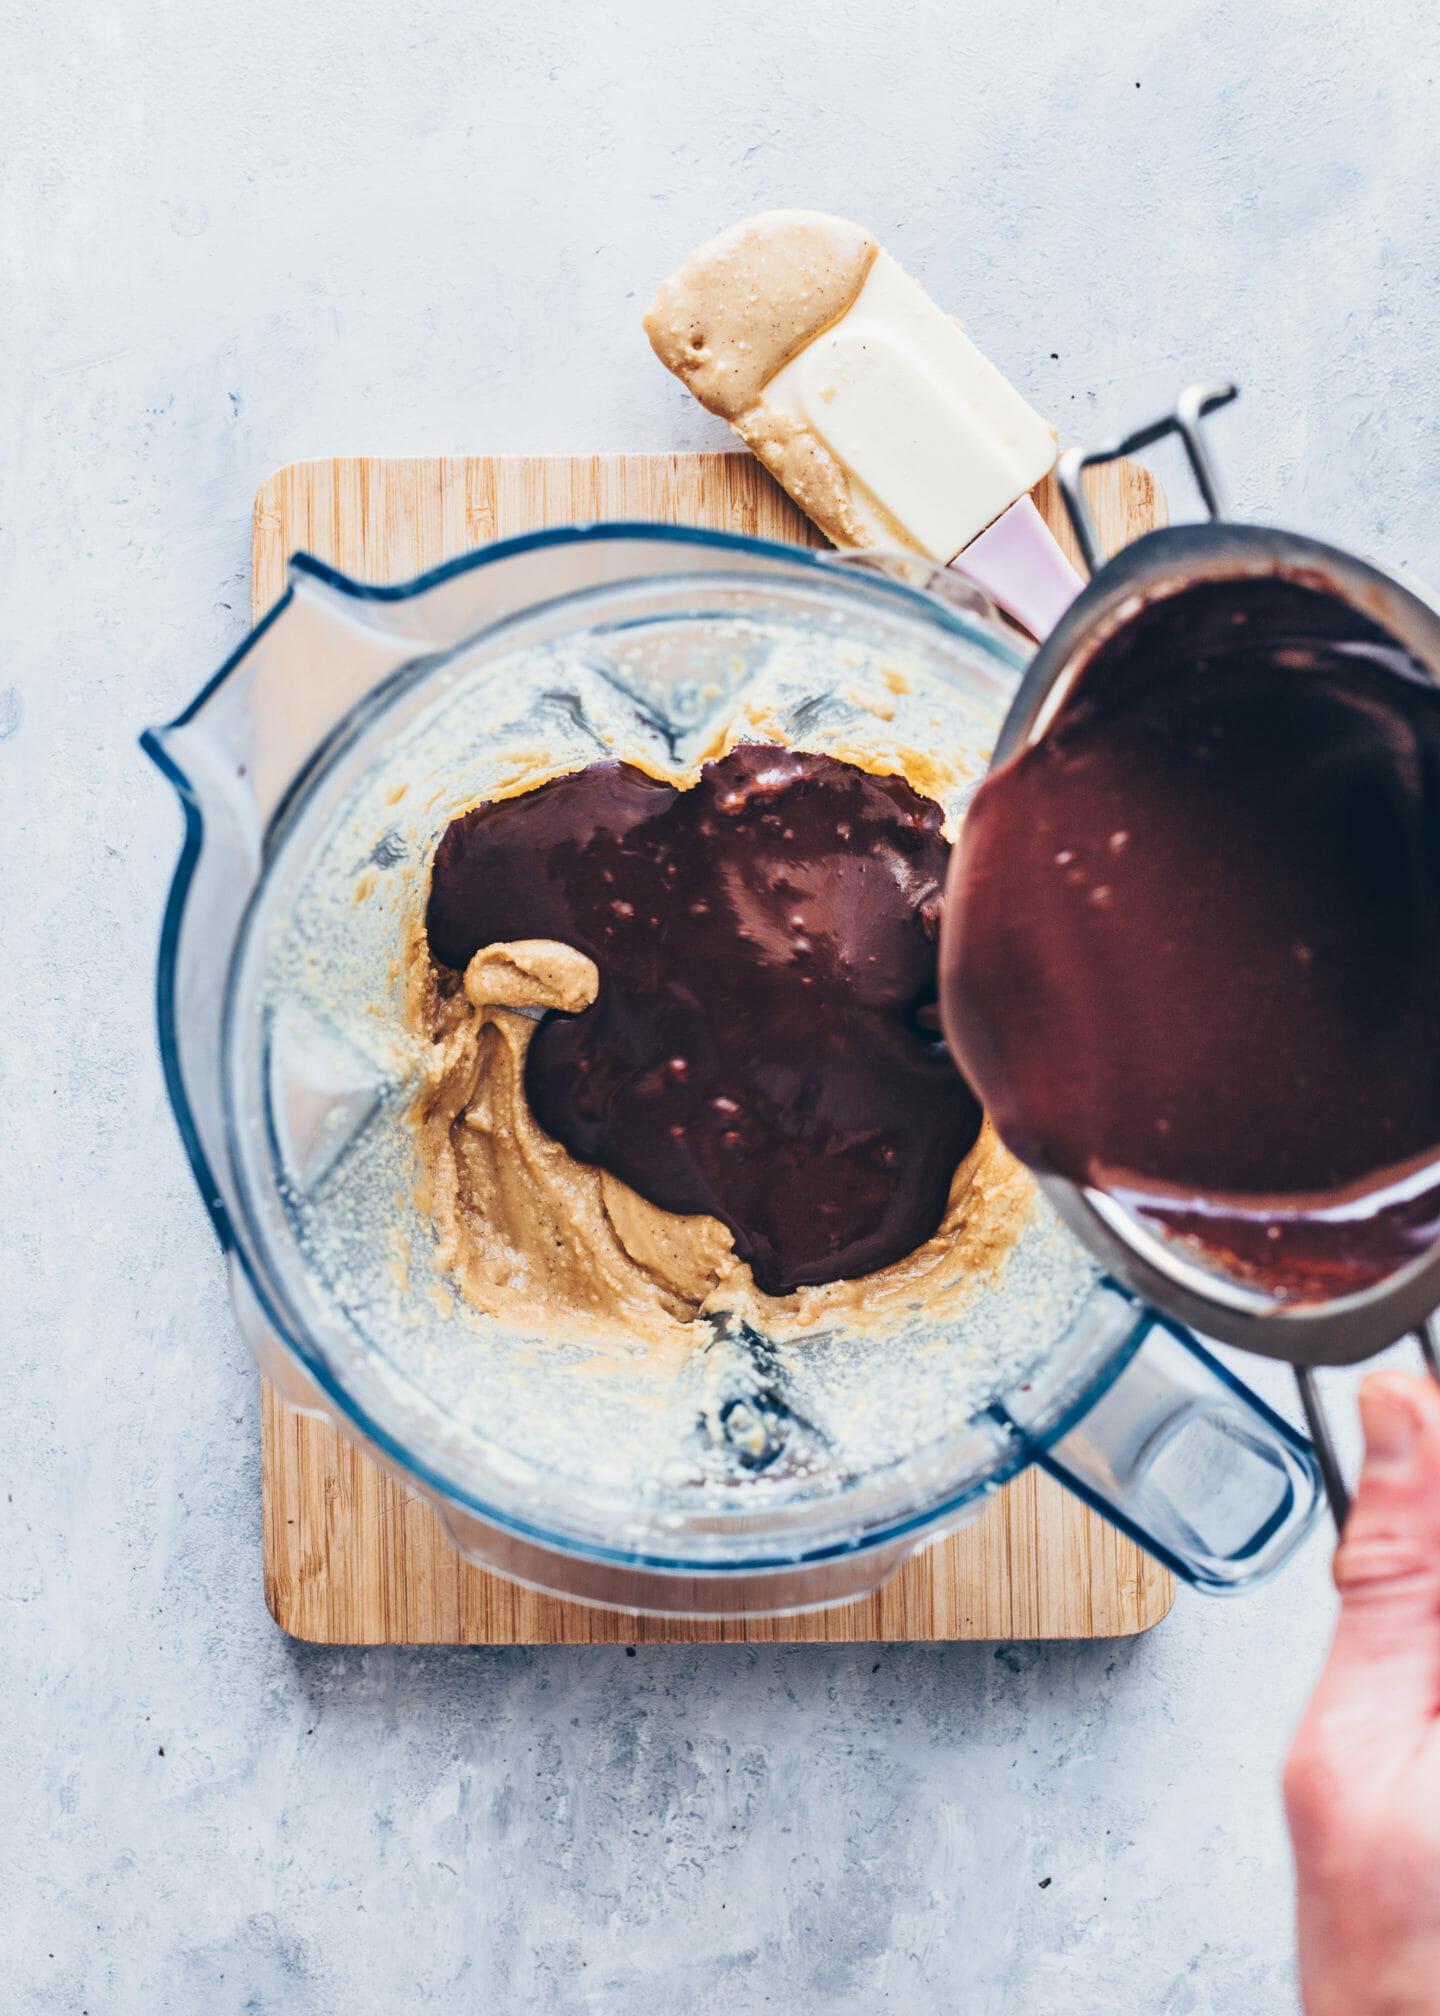 geschmolzene Schokolade in einen Mixer gießen mit Haselnussmus, Kokosmilch, Ahornsirup und Salz in einem Mixer für selbstgemachtes Nutella (Schoko-Nuss-Creme)